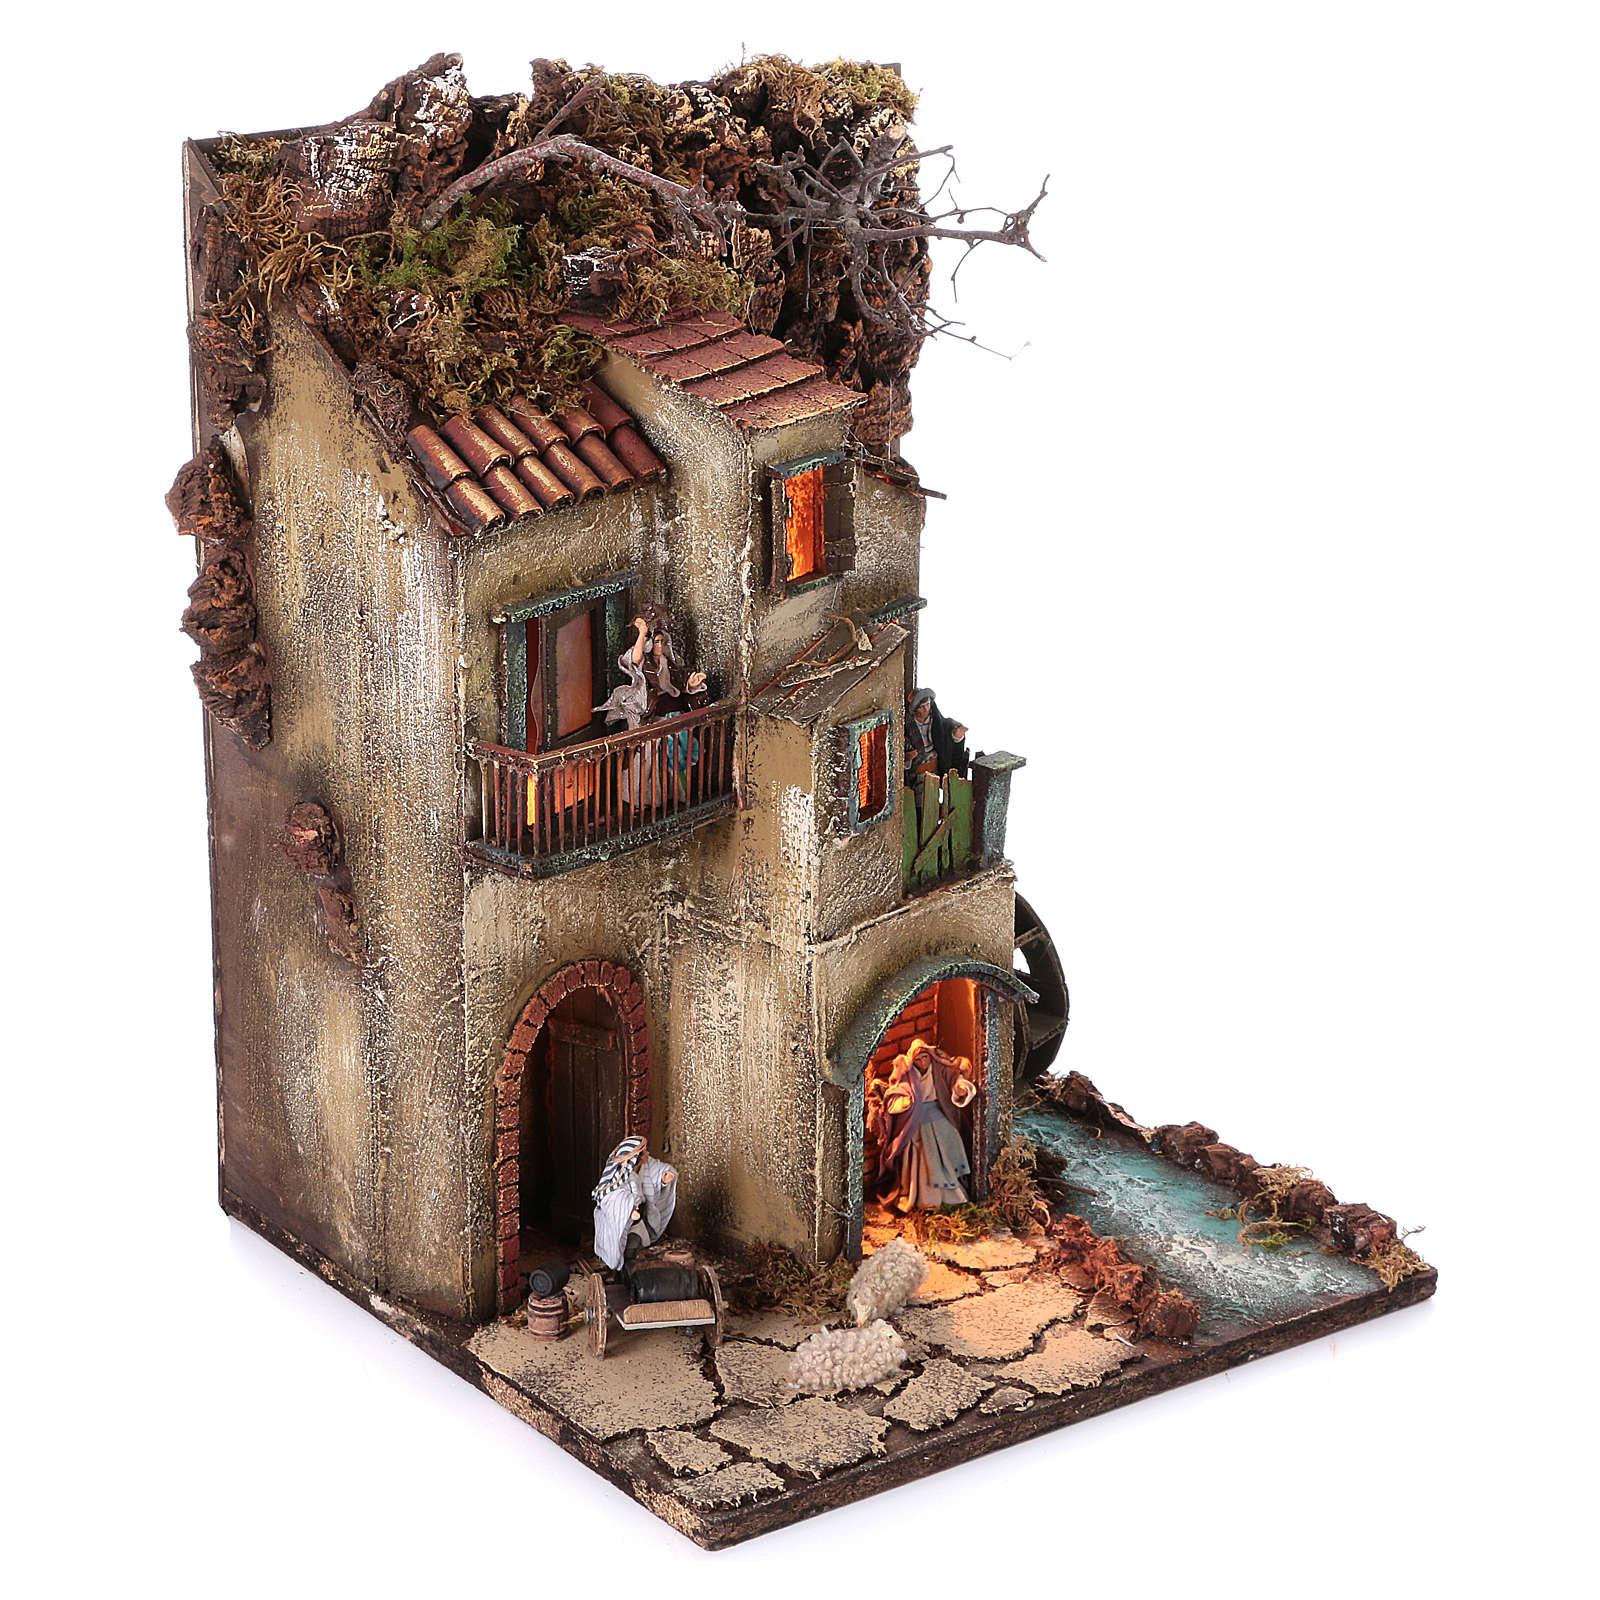 Krippenszenerie neapolitanisches Dorf mit Wassermühle, 55x40x40 cm, Modul 3, für 8 cm Figuren 4